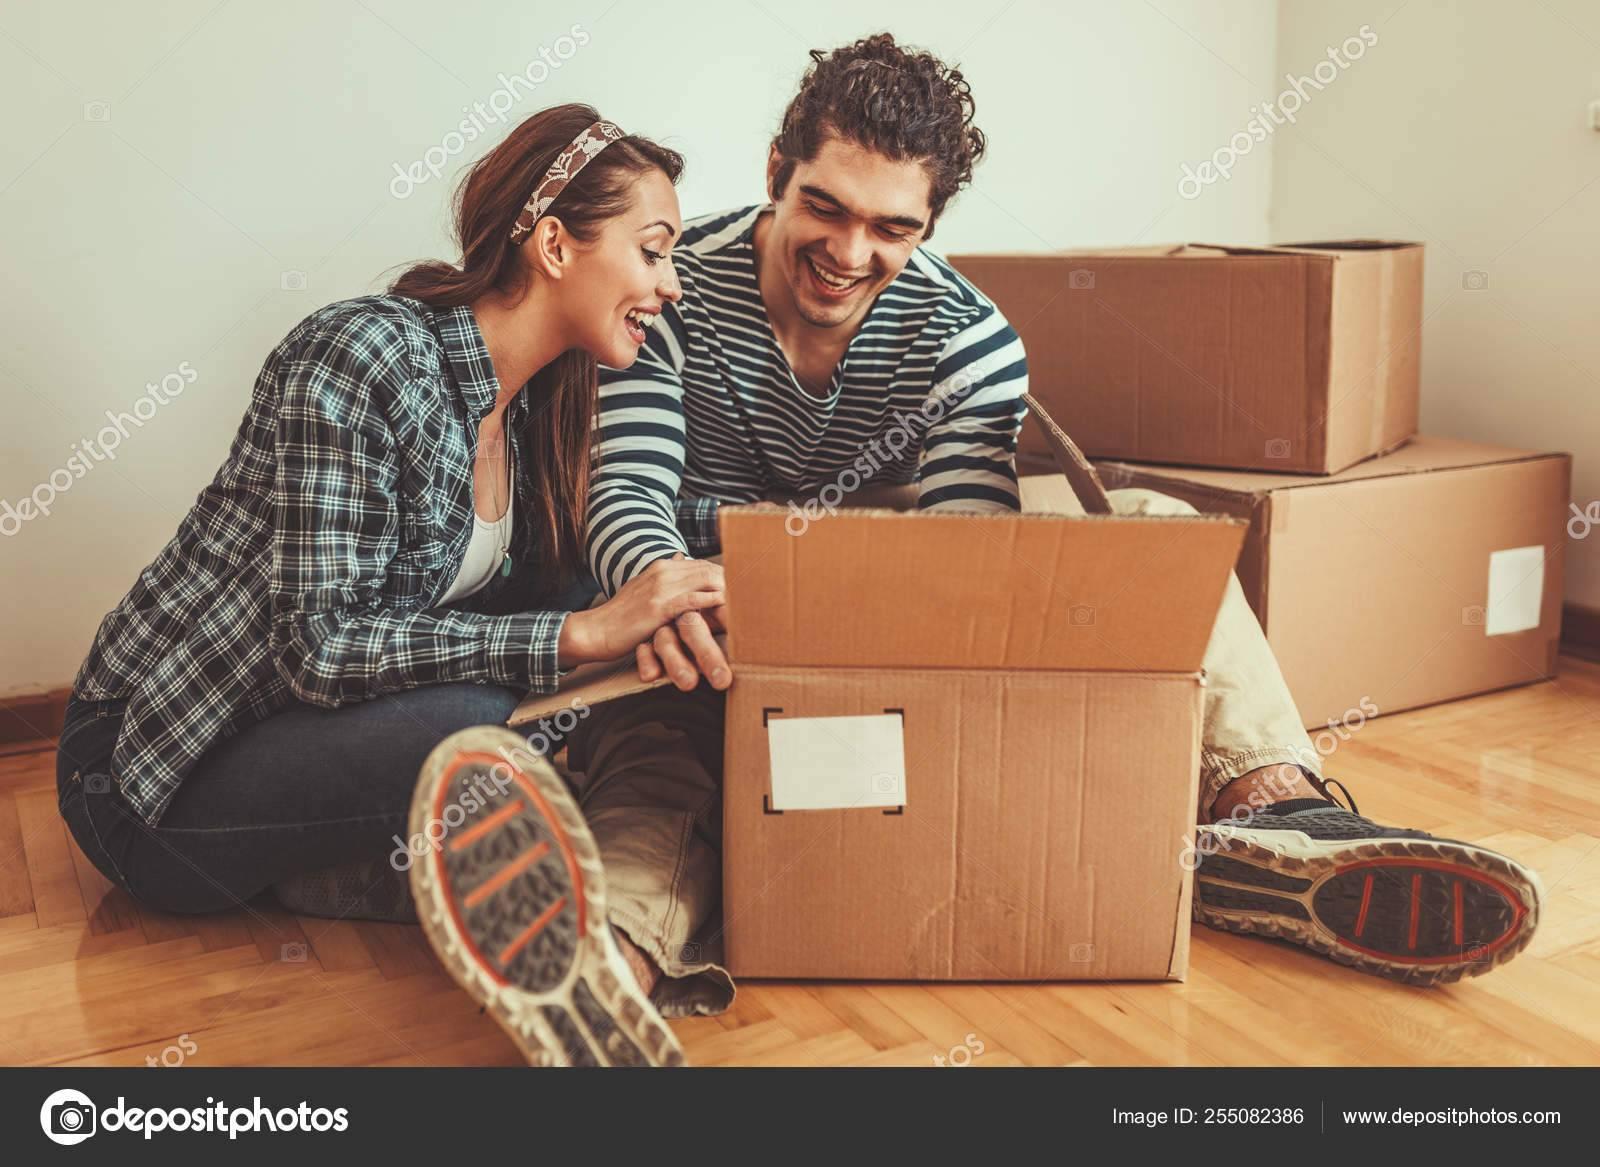 Переезд на новую квартиру по православному обычаю. как правильно переезжать в новую квартиру или дом: народные приметы, обычаи, обряды